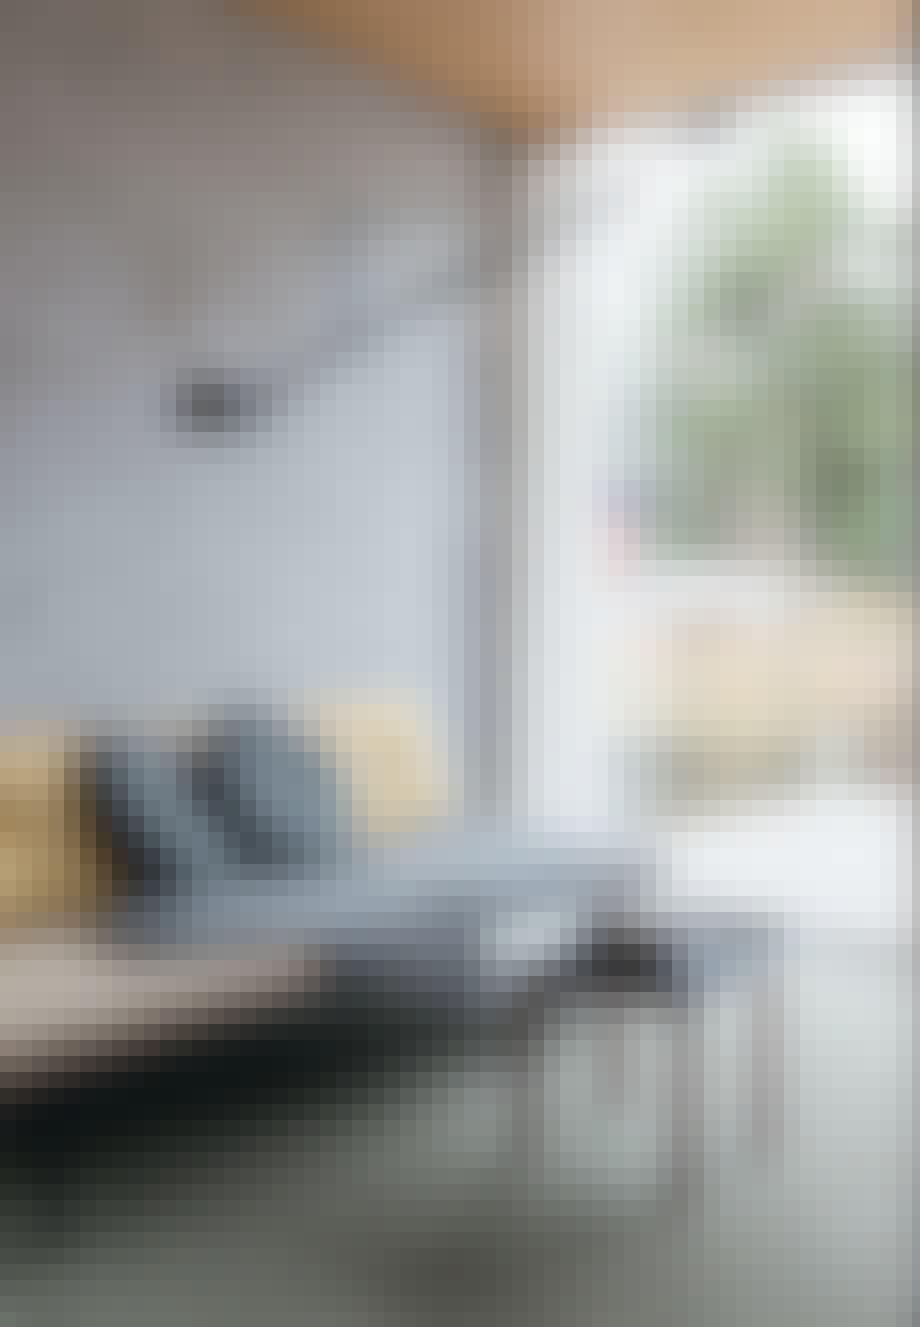 bolig indretning sverige natur sofa stue